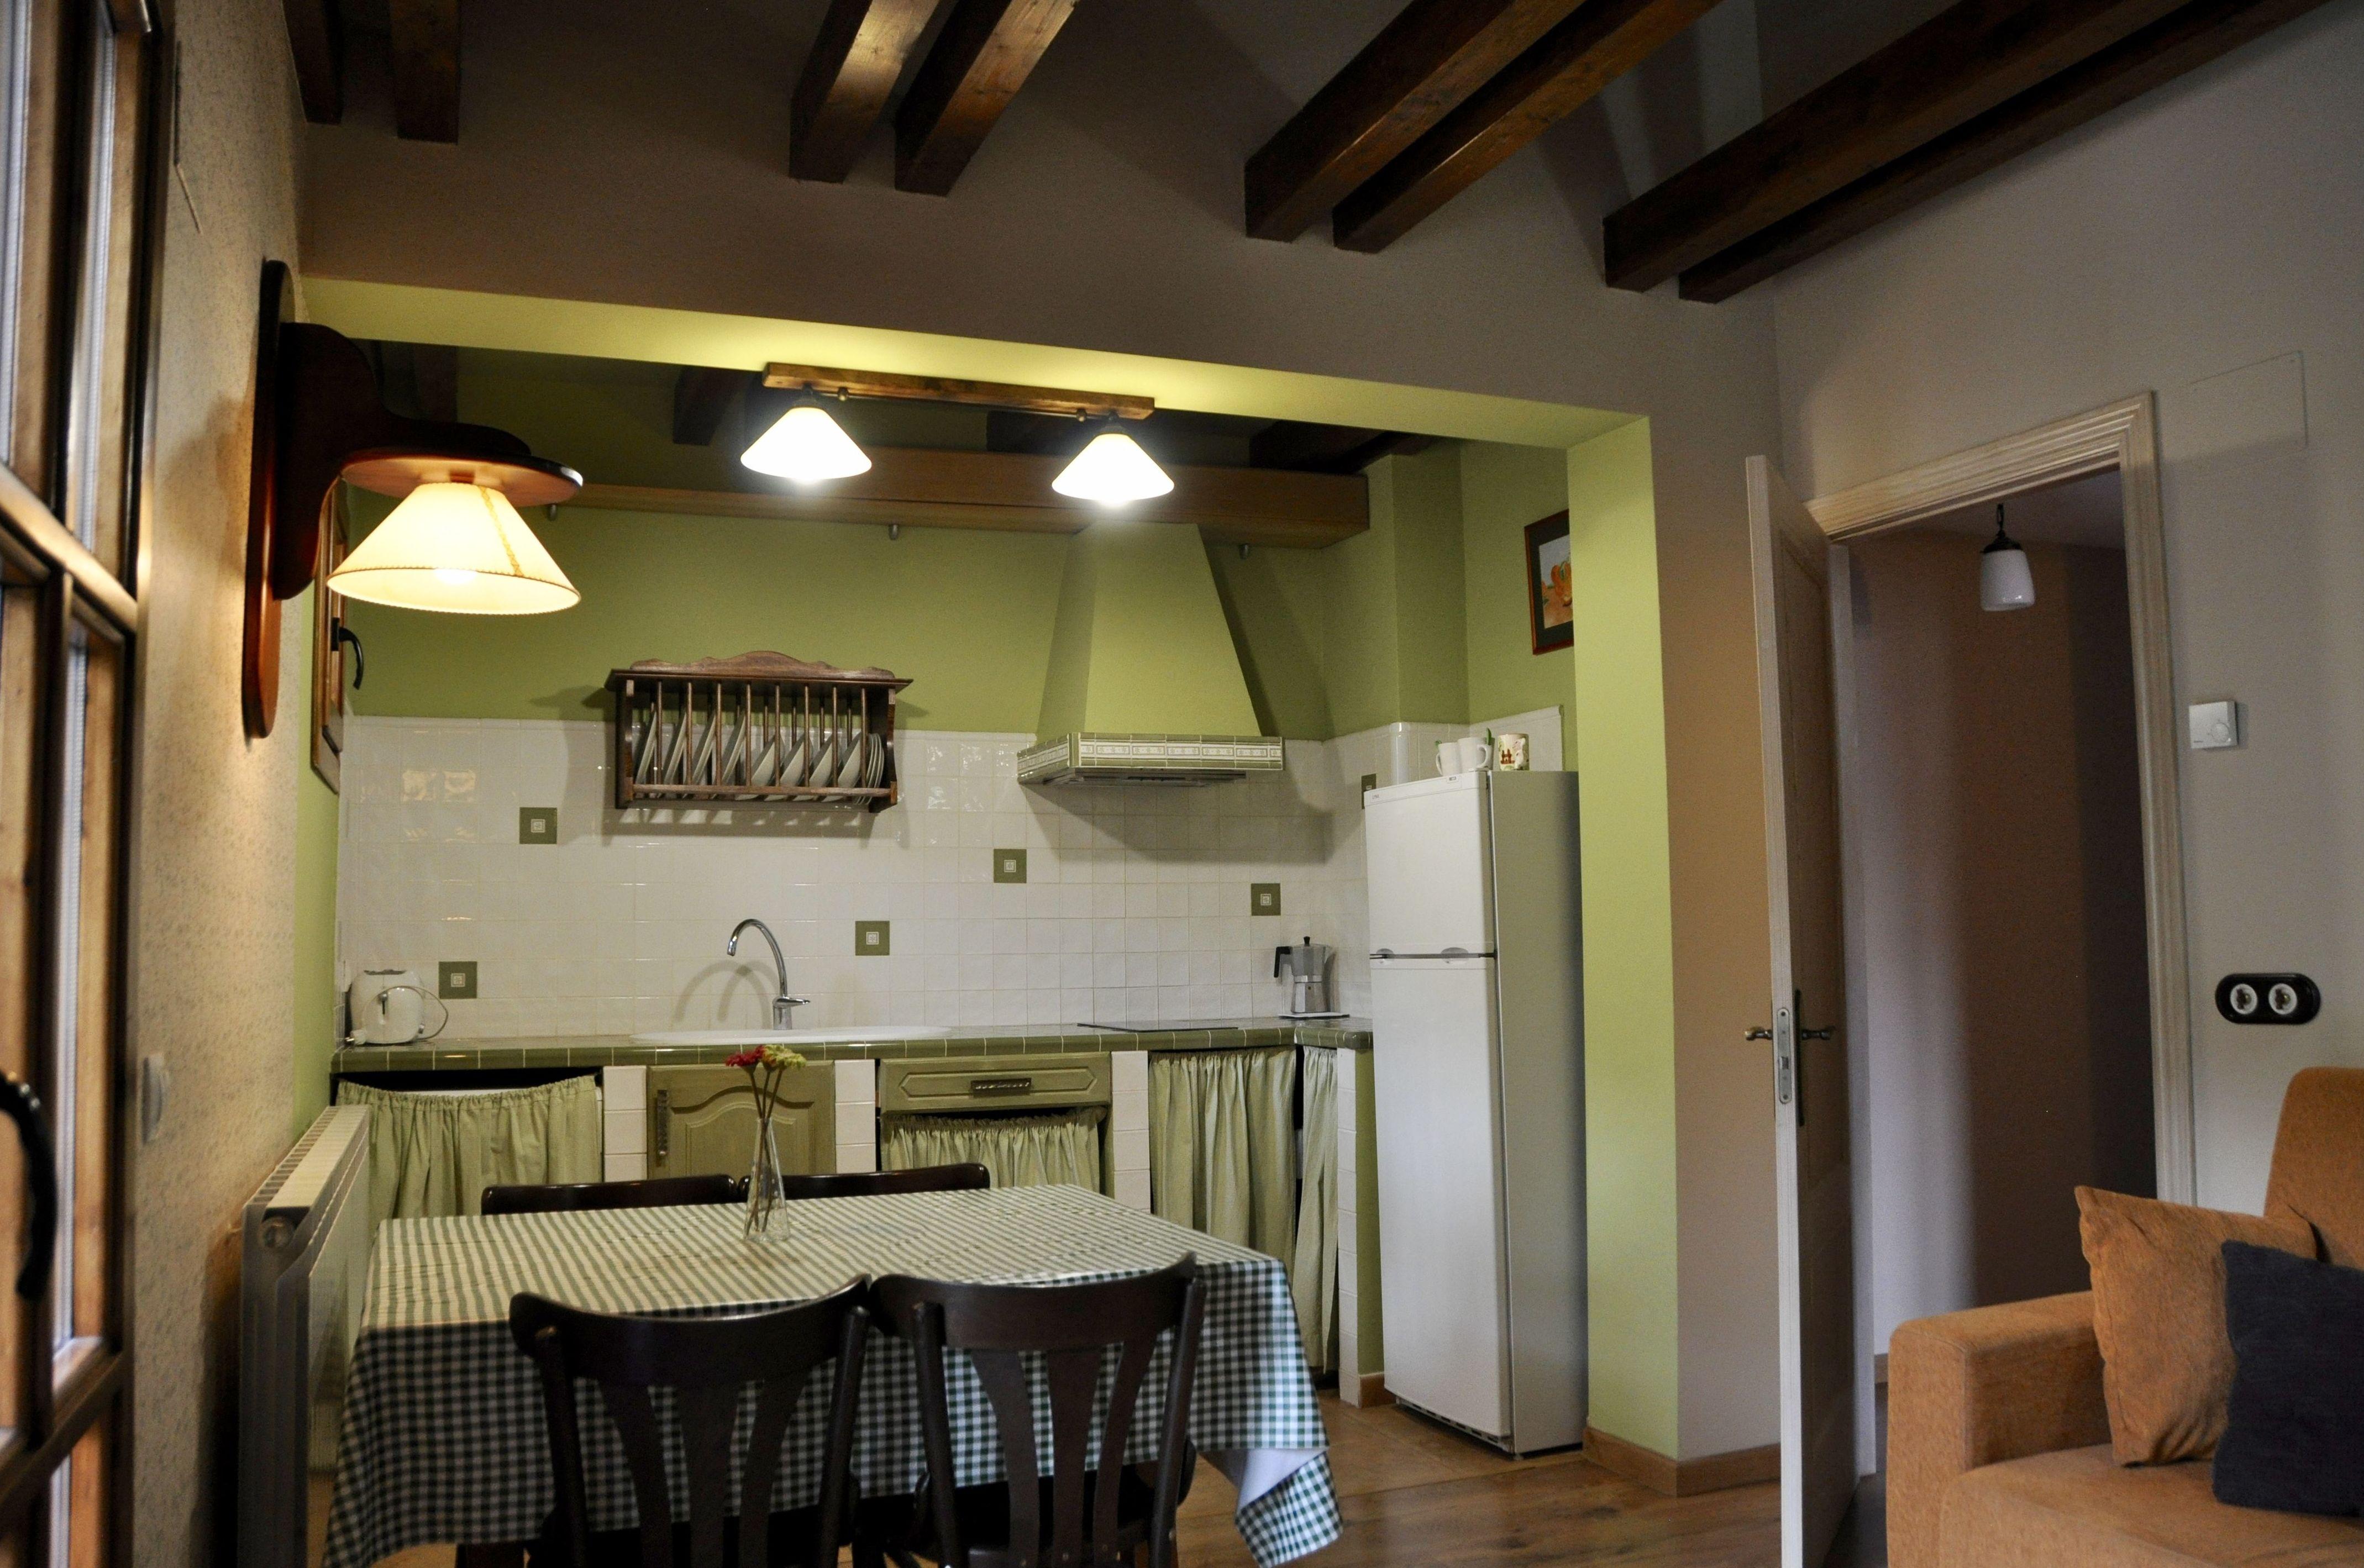 Cocina-comedor apartamento Ordesa.